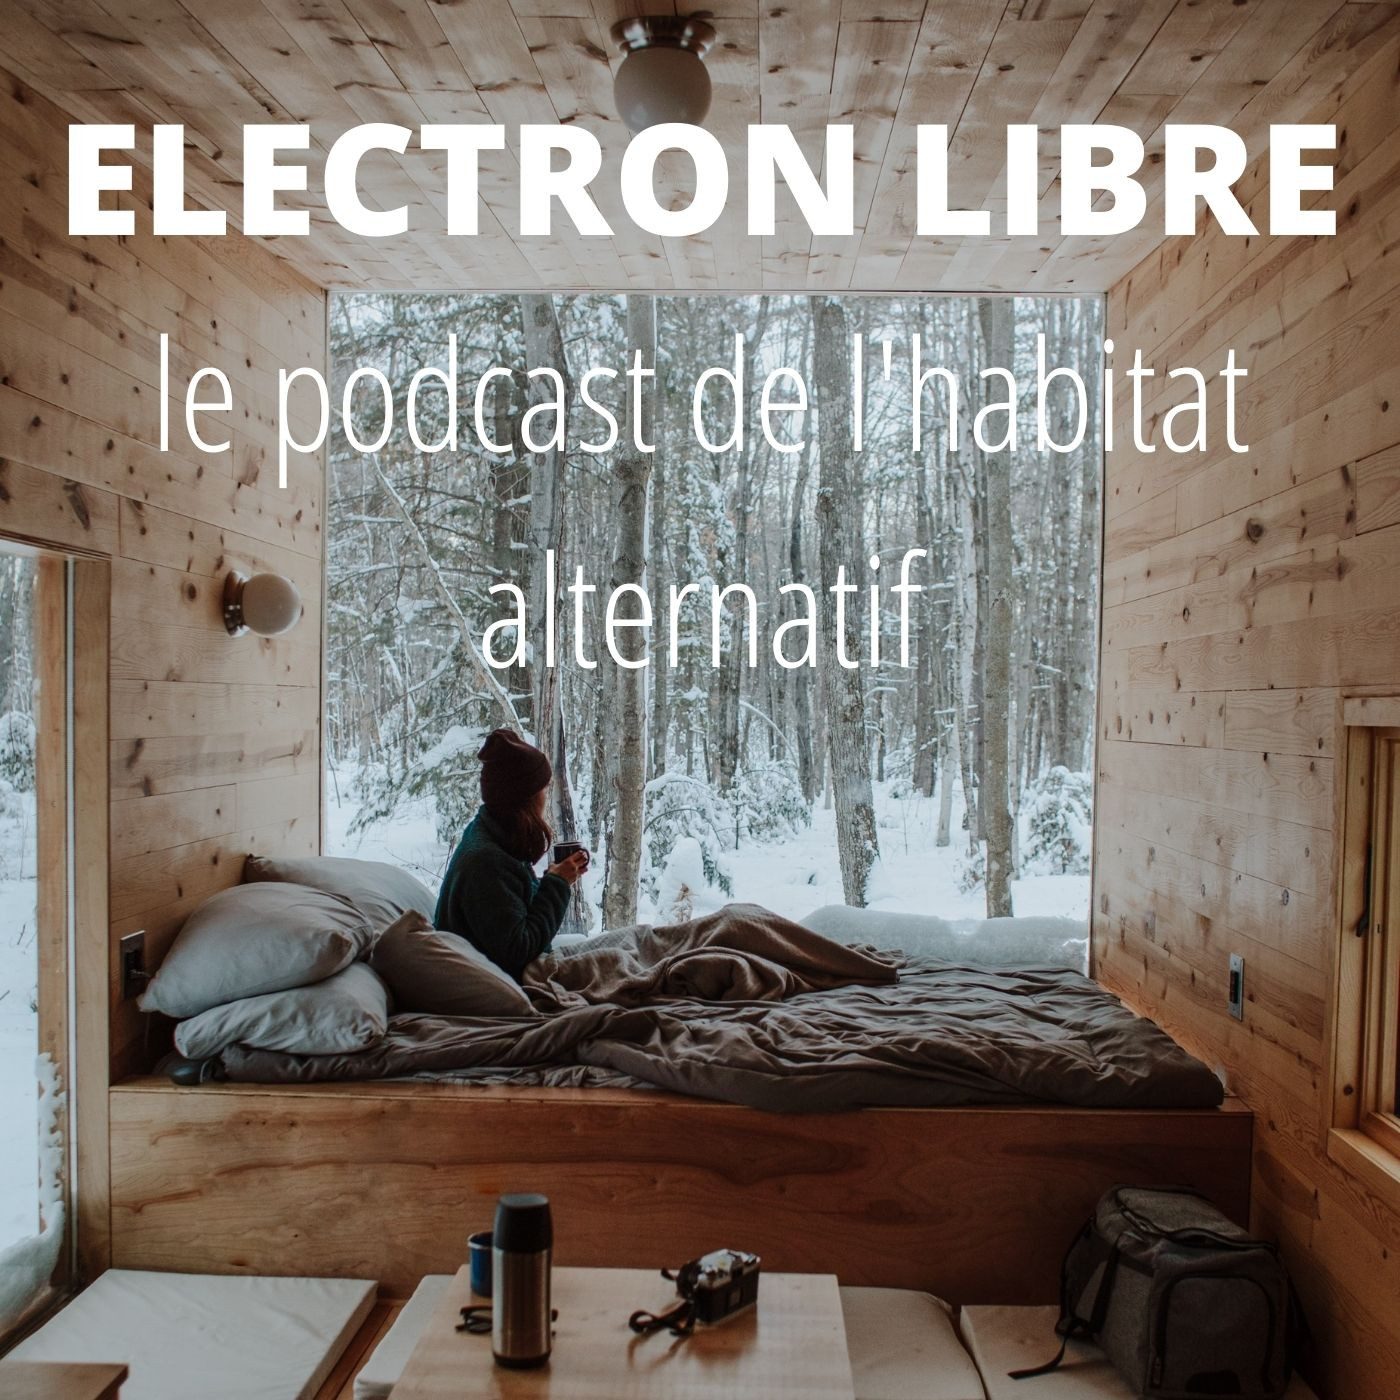 Electron Libre - Quel sera votre habitat léger ?